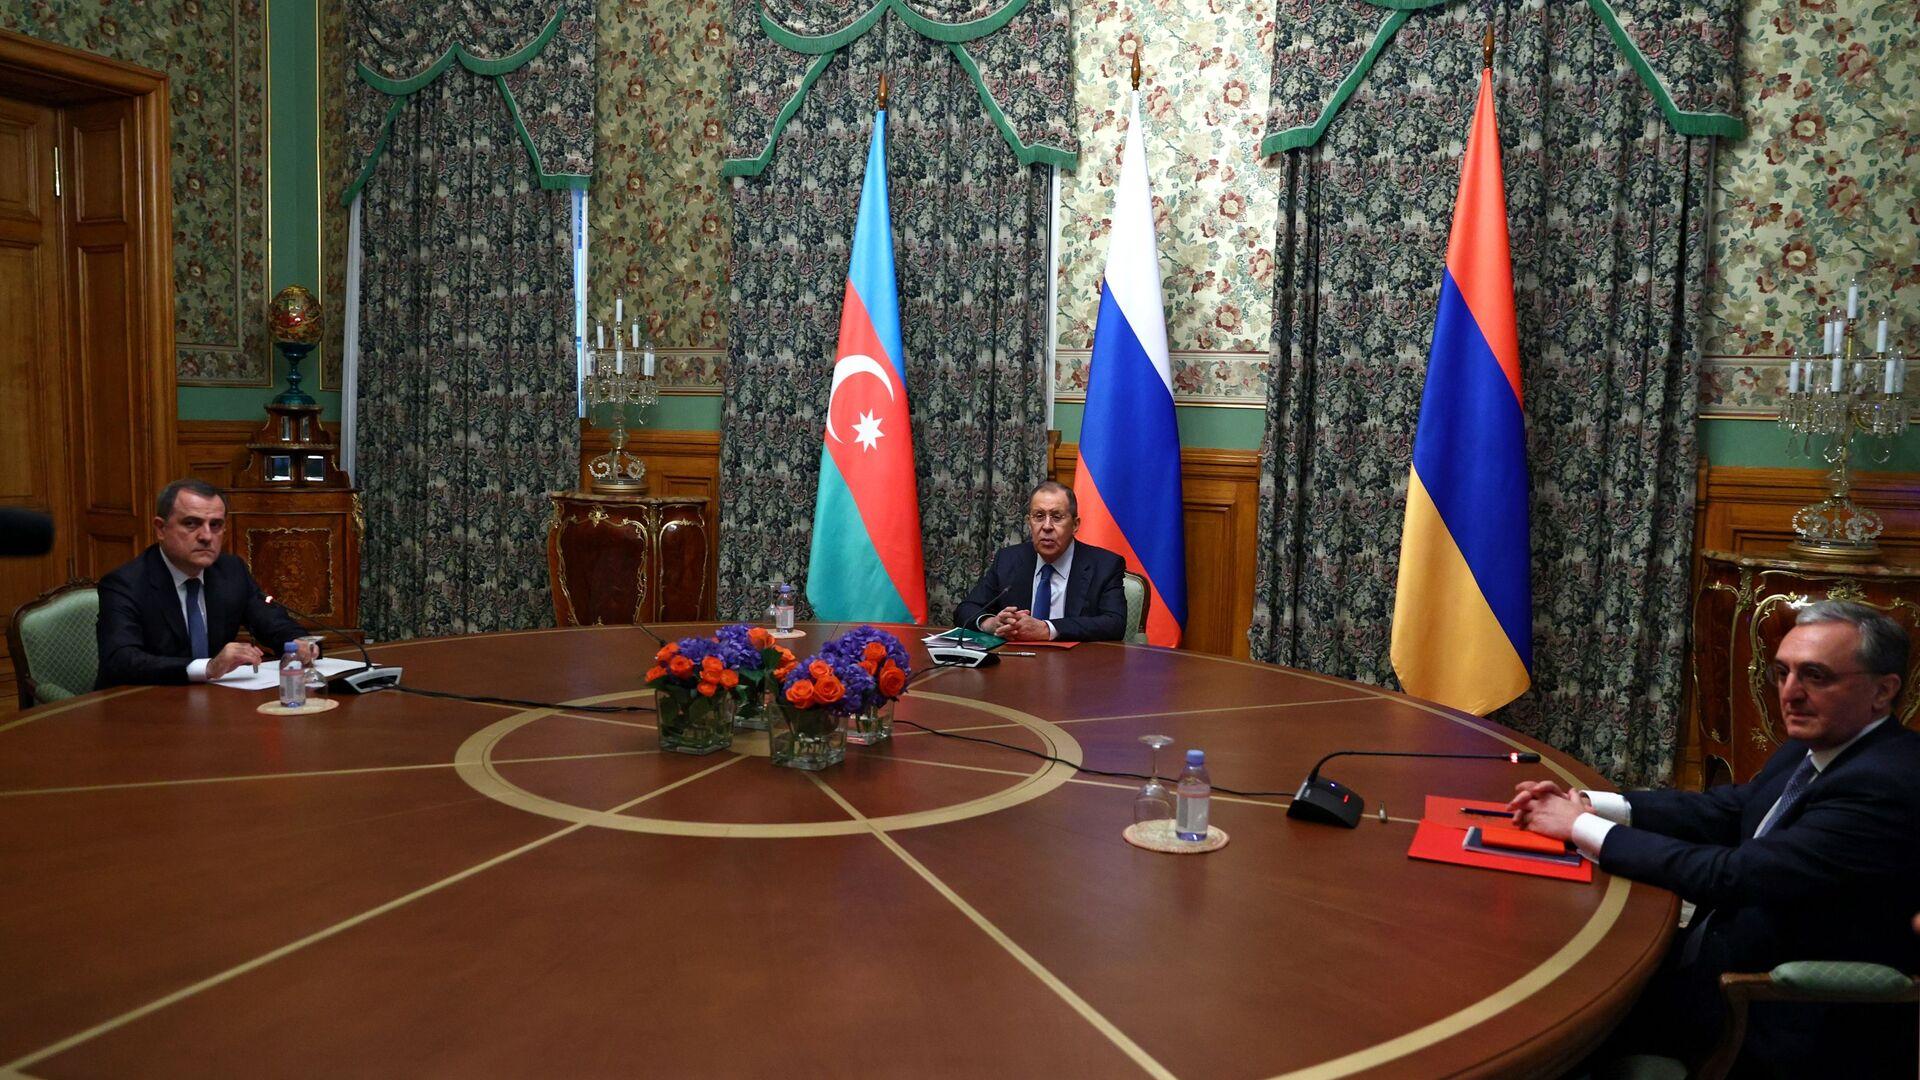 Las negociaciones entre los cancilleres de Rusia, Armenia y Azerbaiyán sobre Karabaj  - Sputnik Mundo, 1920, 27.09.2021